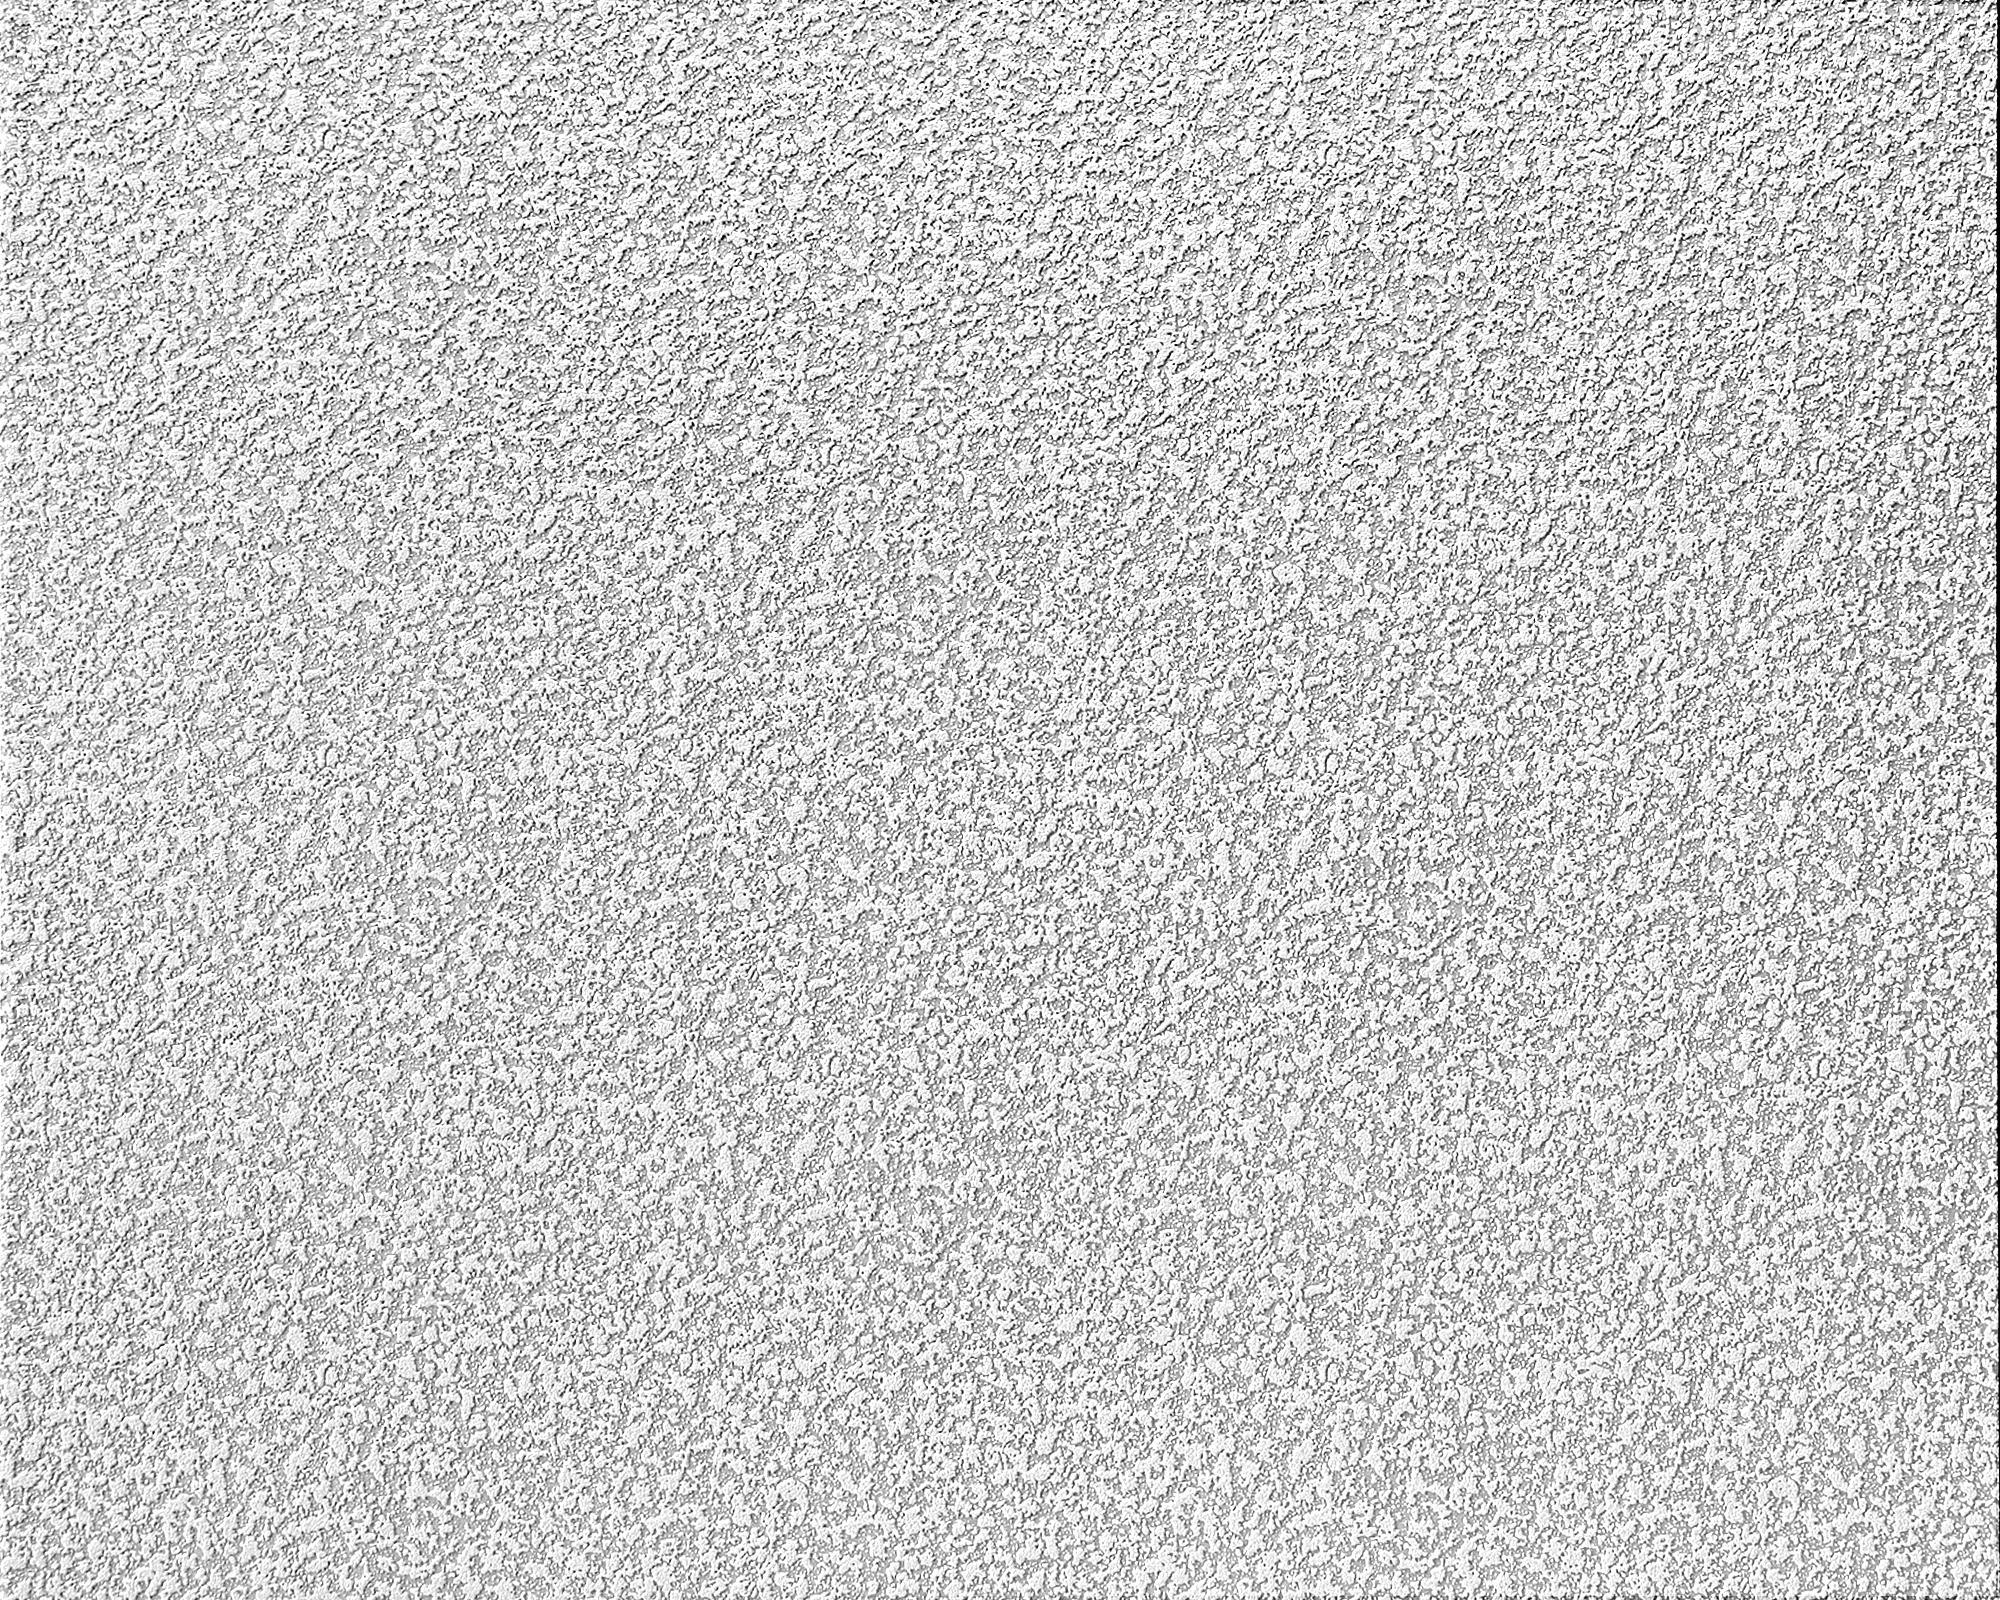 vliestapete zum berstreichen edem 304 60 wandbel ge. Black Bedroom Furniture Sets. Home Design Ideas